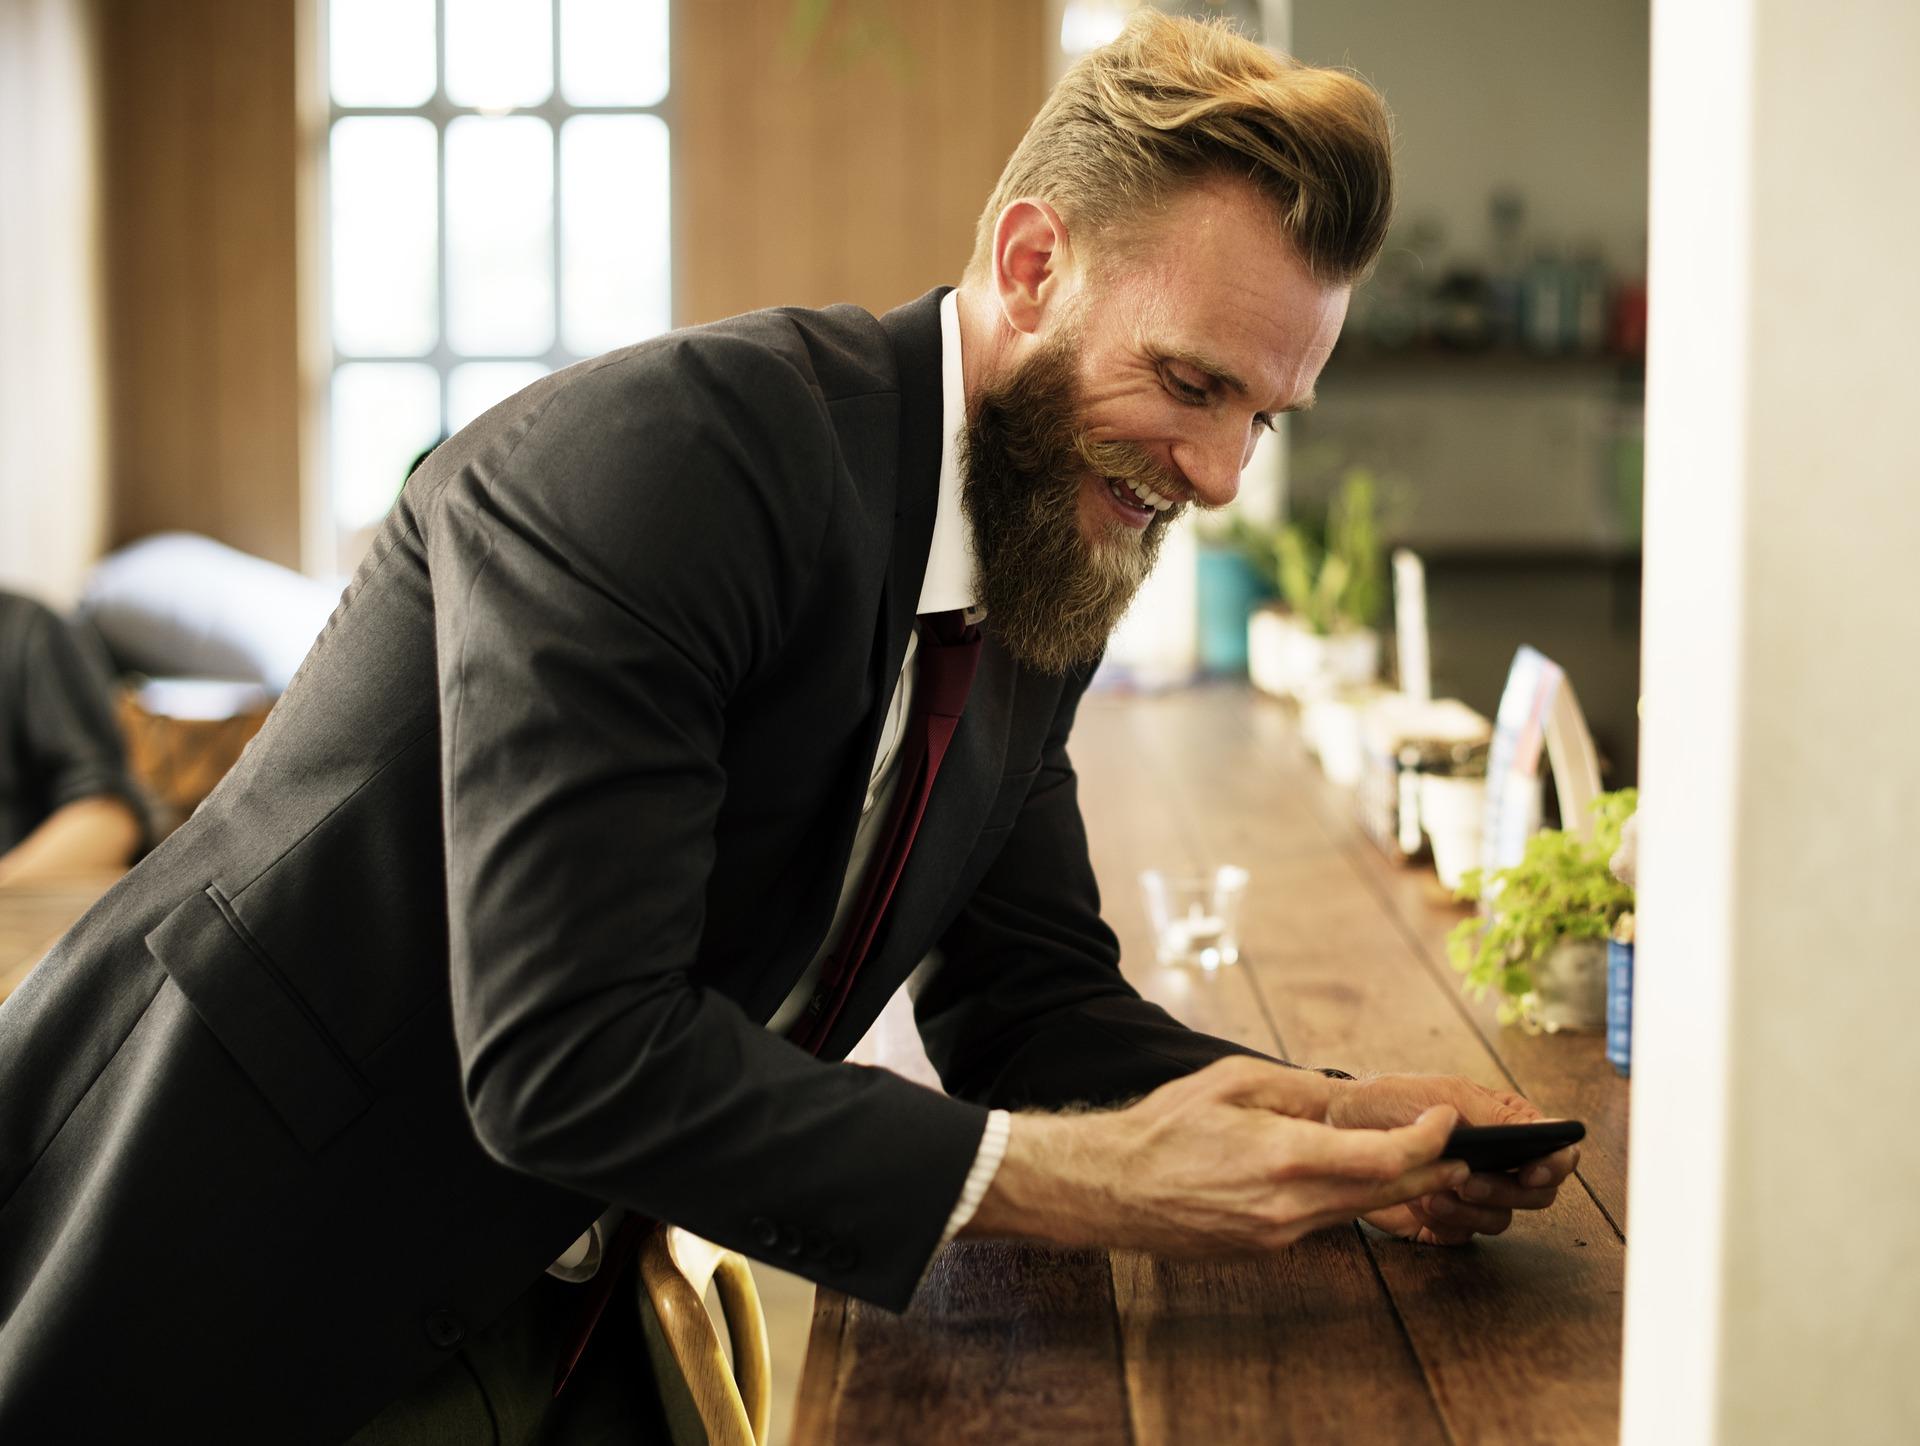 empresário barbado confiança